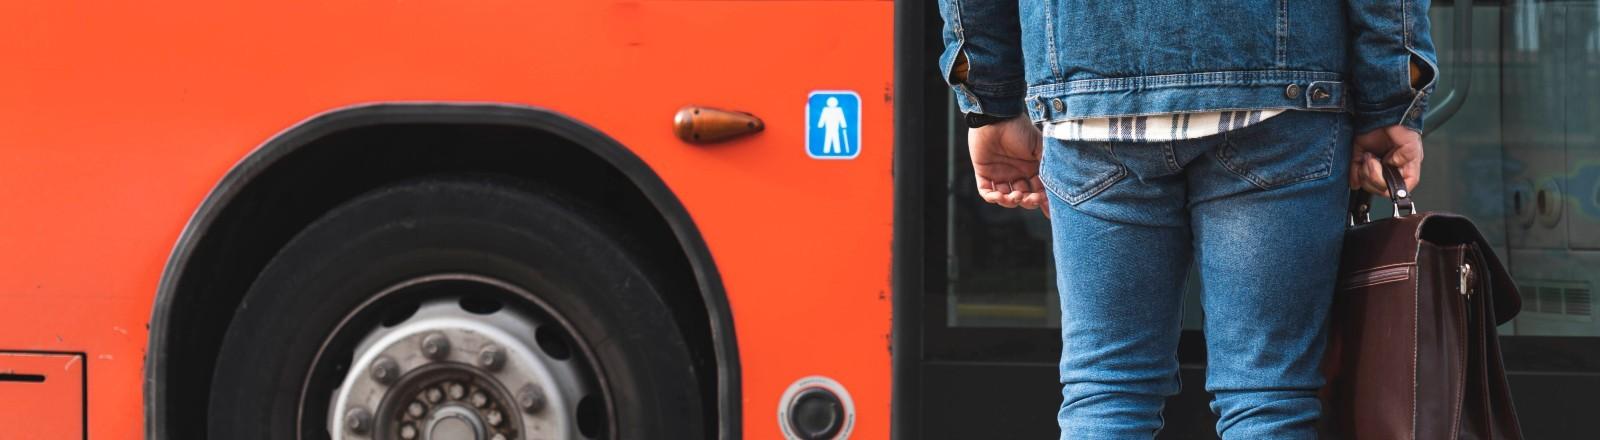 Ein Mann steht vor einer Bustür.